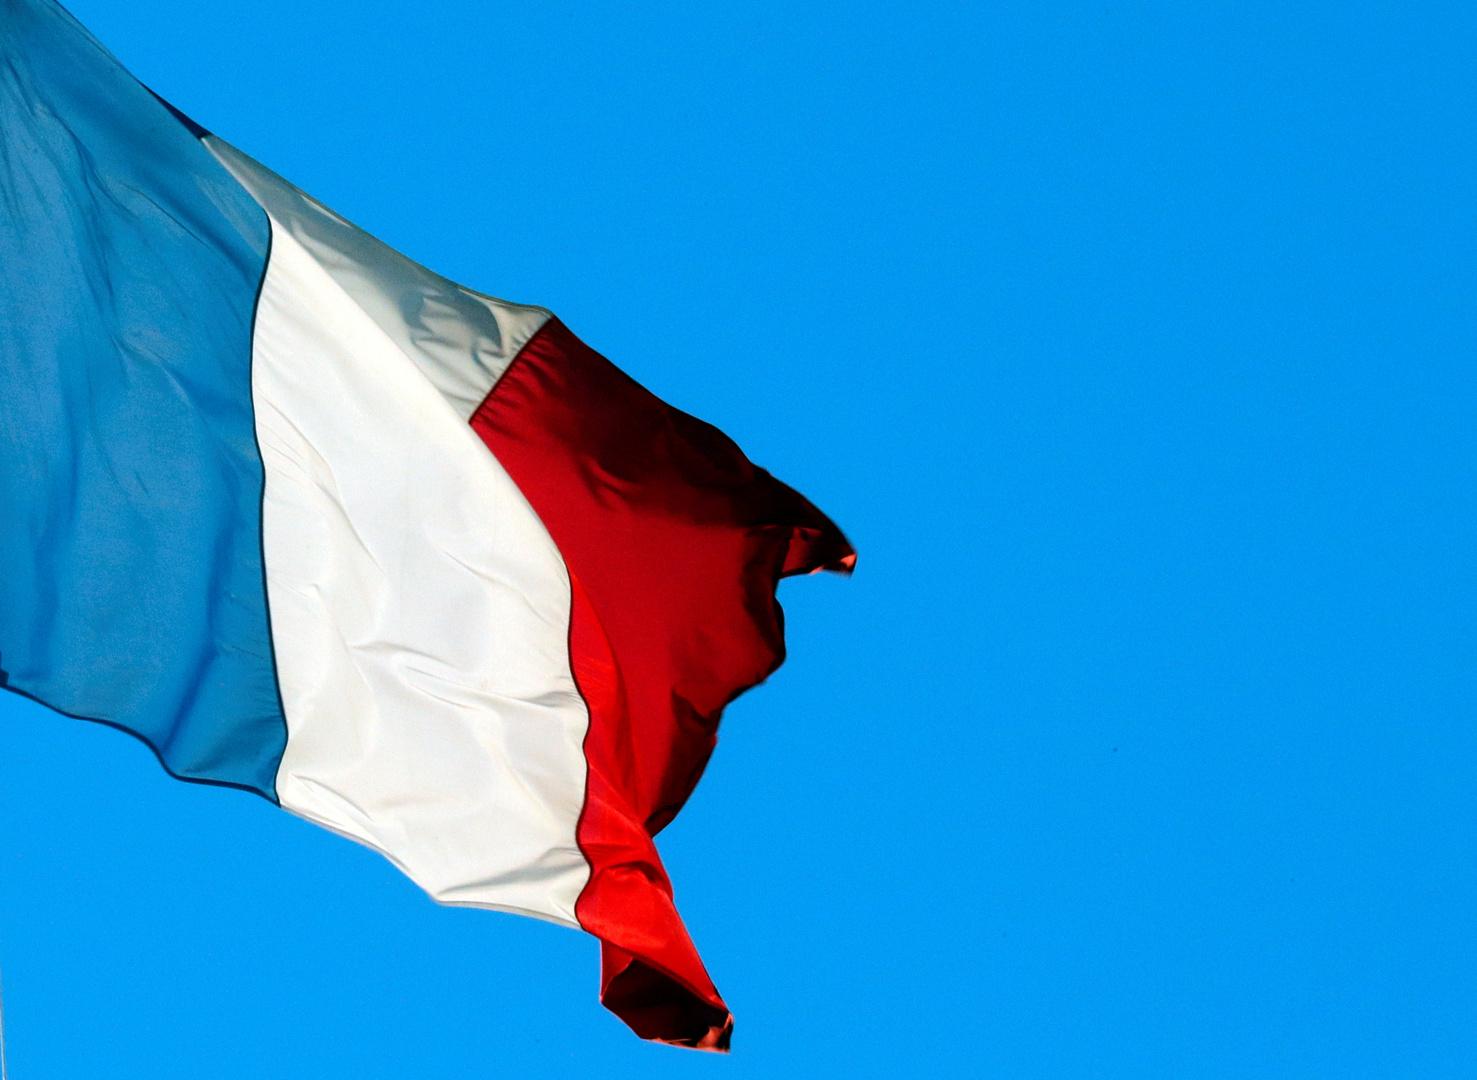 الرئاسة الفرنسية: لم يفت الأوان لتشكيل حكومة والعمل لمصلحة لبنان